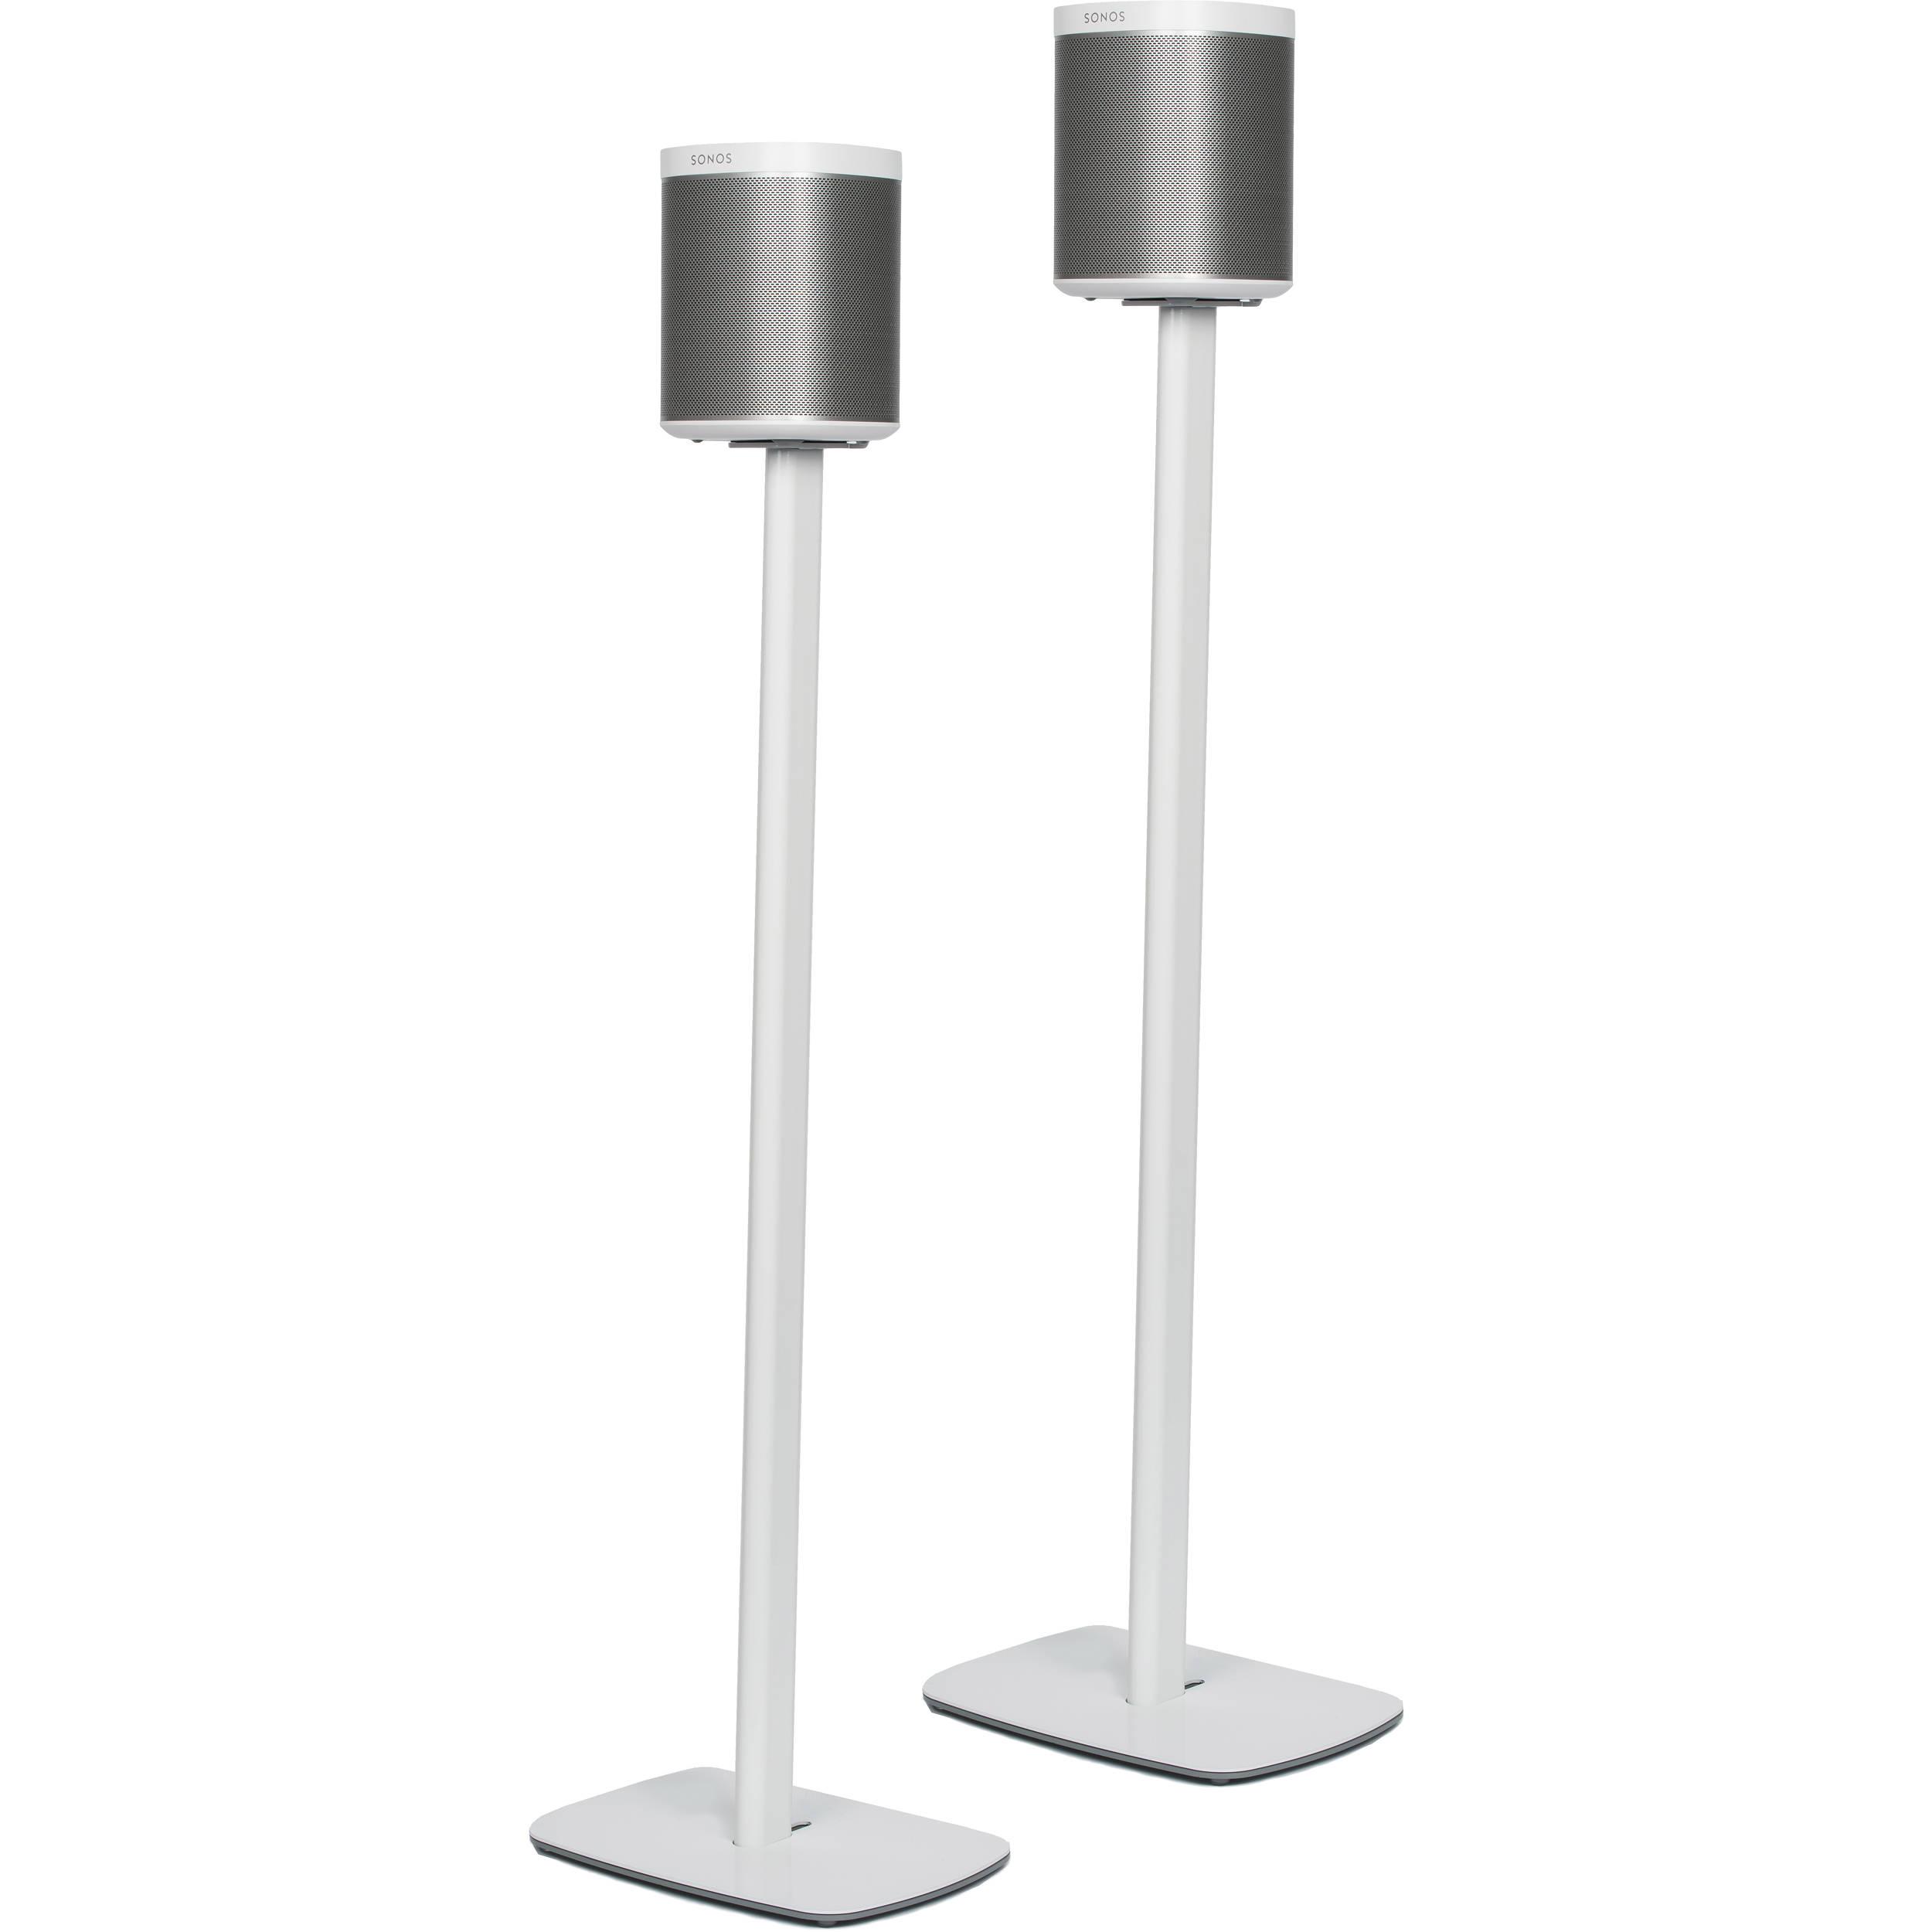 flexson_floorstand_for_sonos_play_1_pair